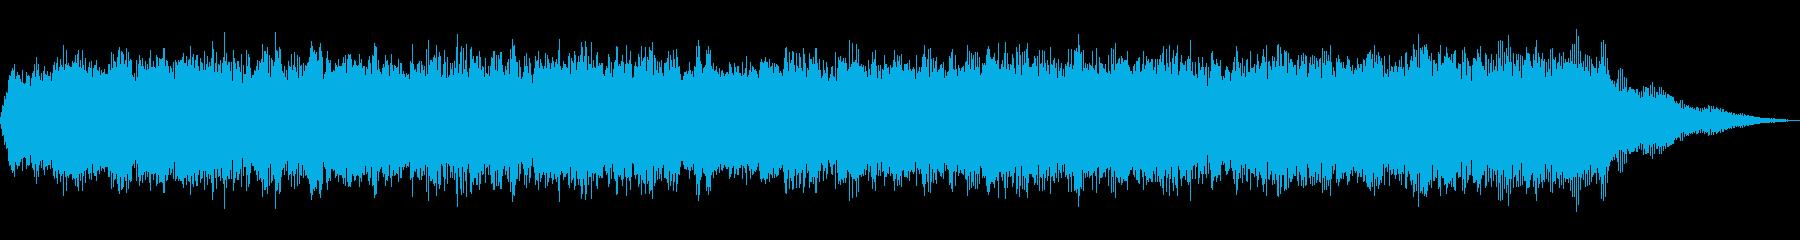 心地よいクワイア系ジングル Ver.04の再生済みの波形